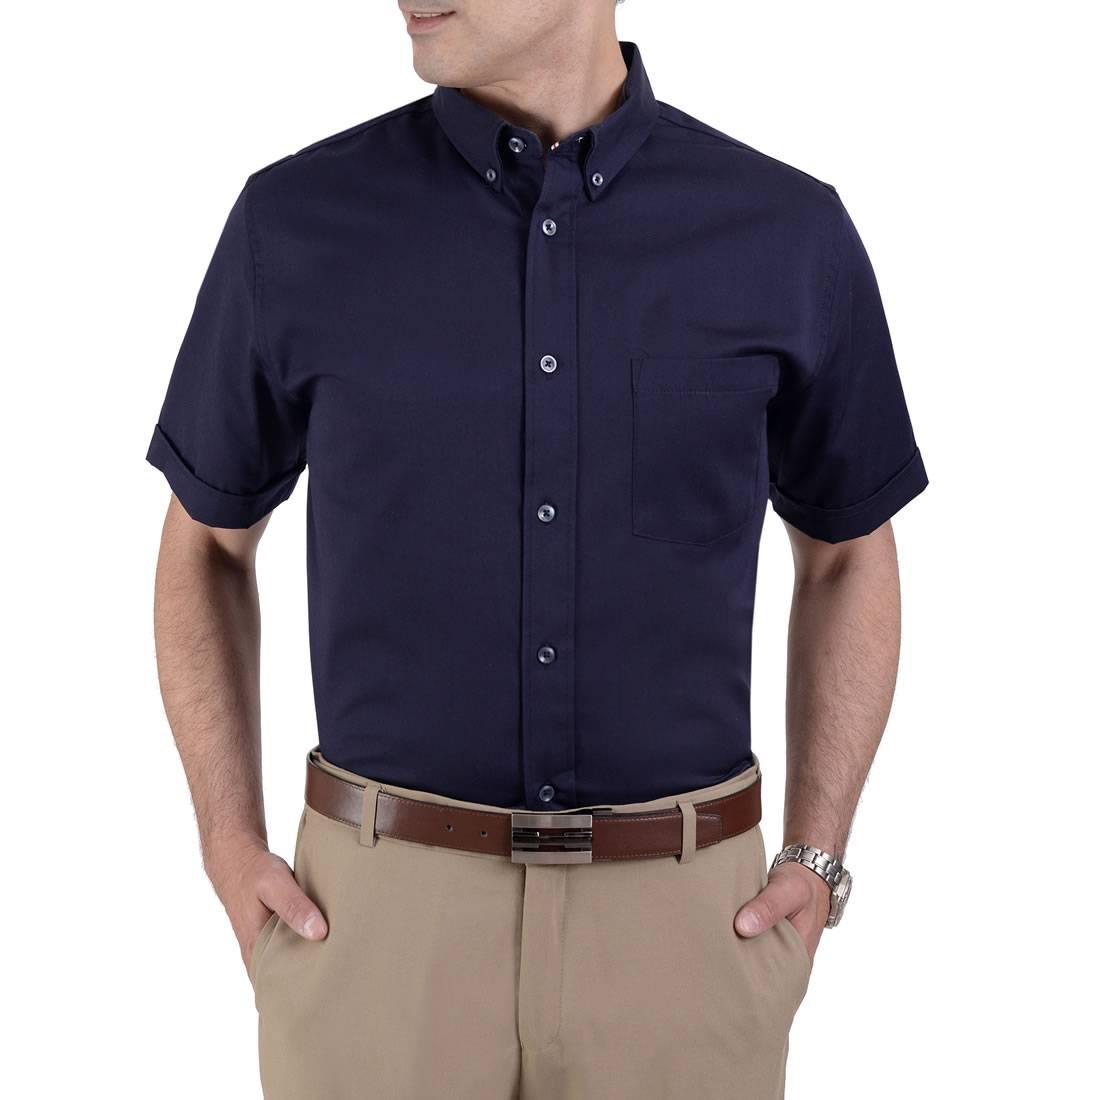 042331381719-01-Camisa-Manga-Corta-classic-Fit-Marino-yale